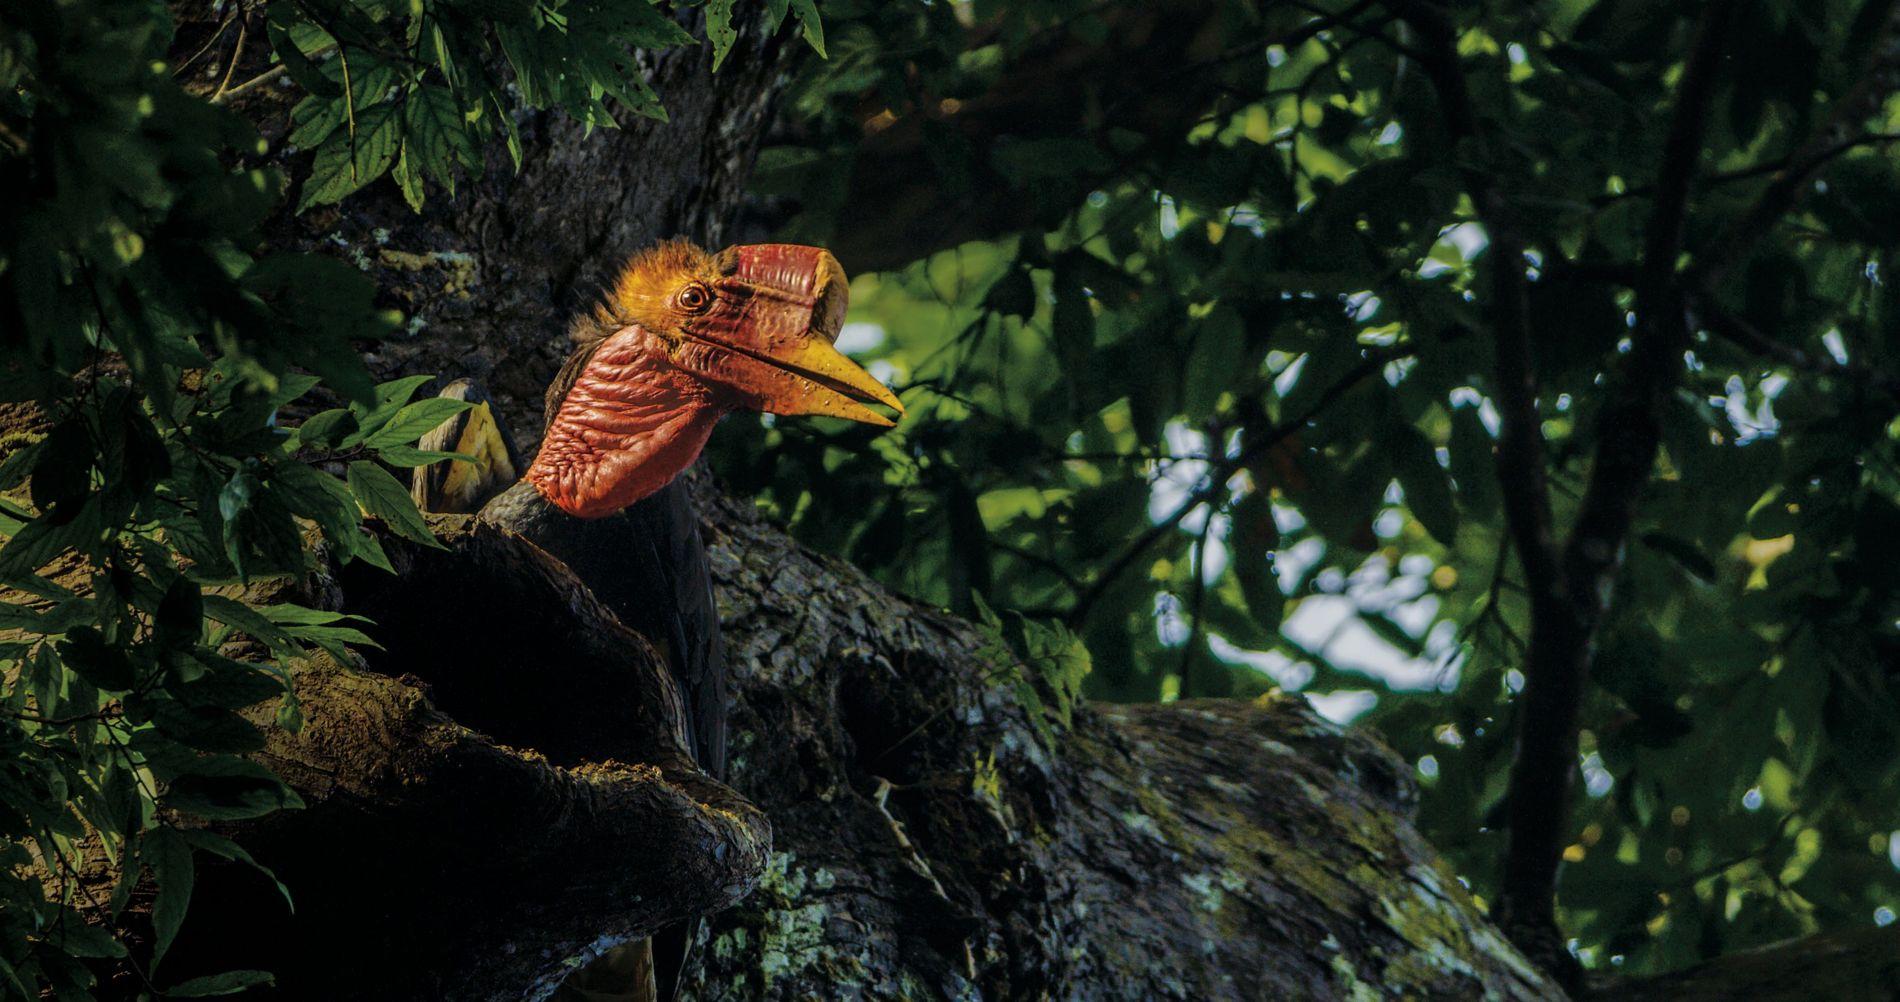 Ce mâle va nourrir sa famille dans le nid avec des fruits de la forêt. Le ...